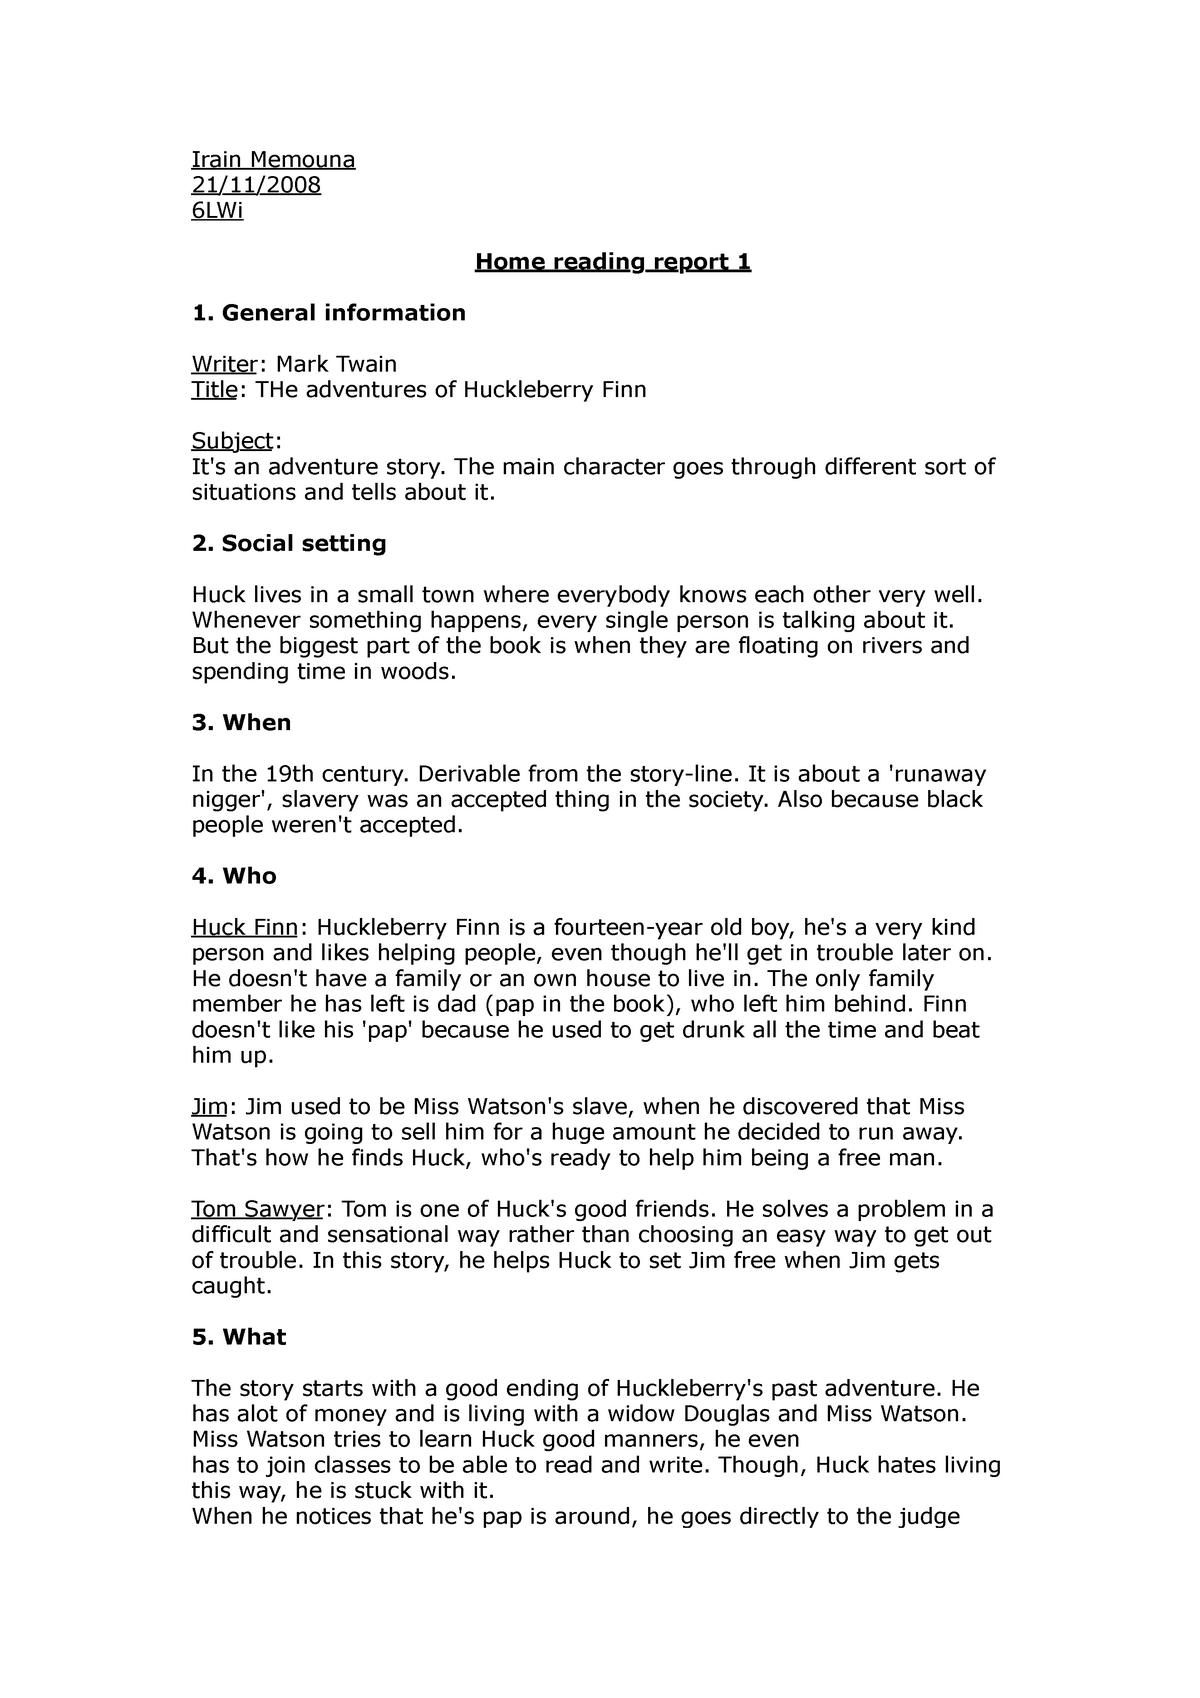 Huckleberry Finn Book Report - Words | Help Me